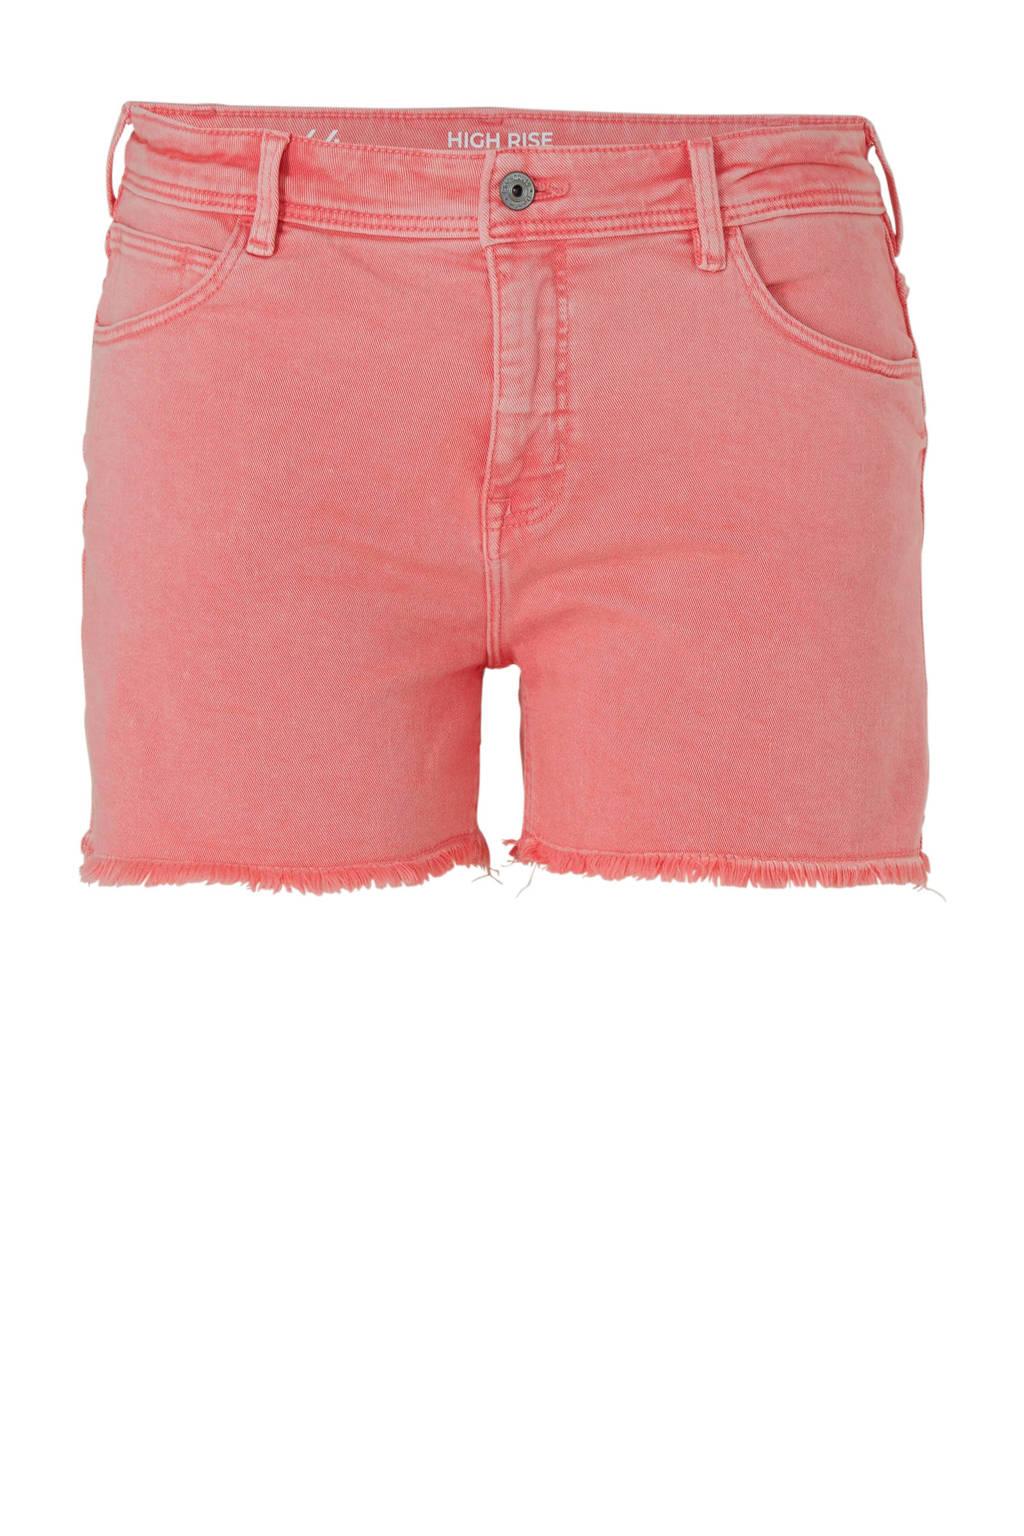 C&A XL Clockhouse high waist slim fit jeans short, Roze